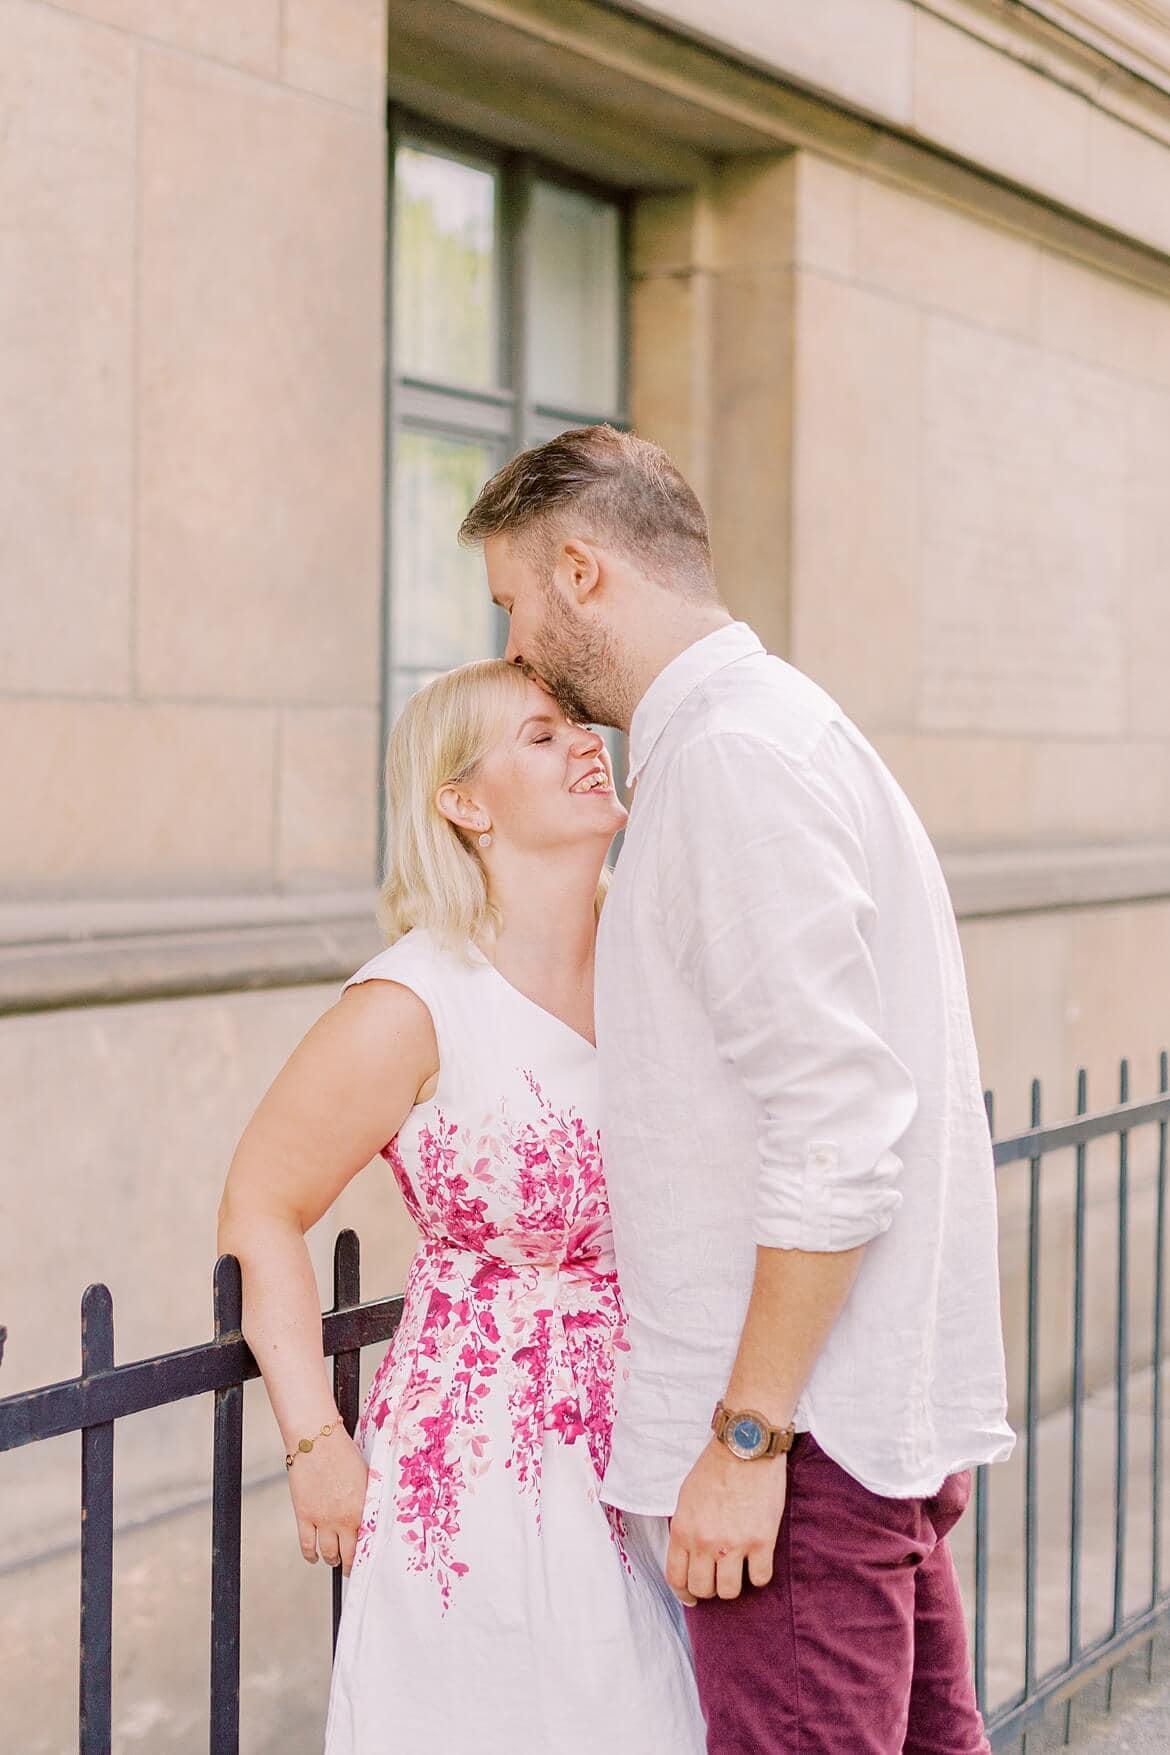 Ein Mann gibt einer Frau einen Stirnkuss